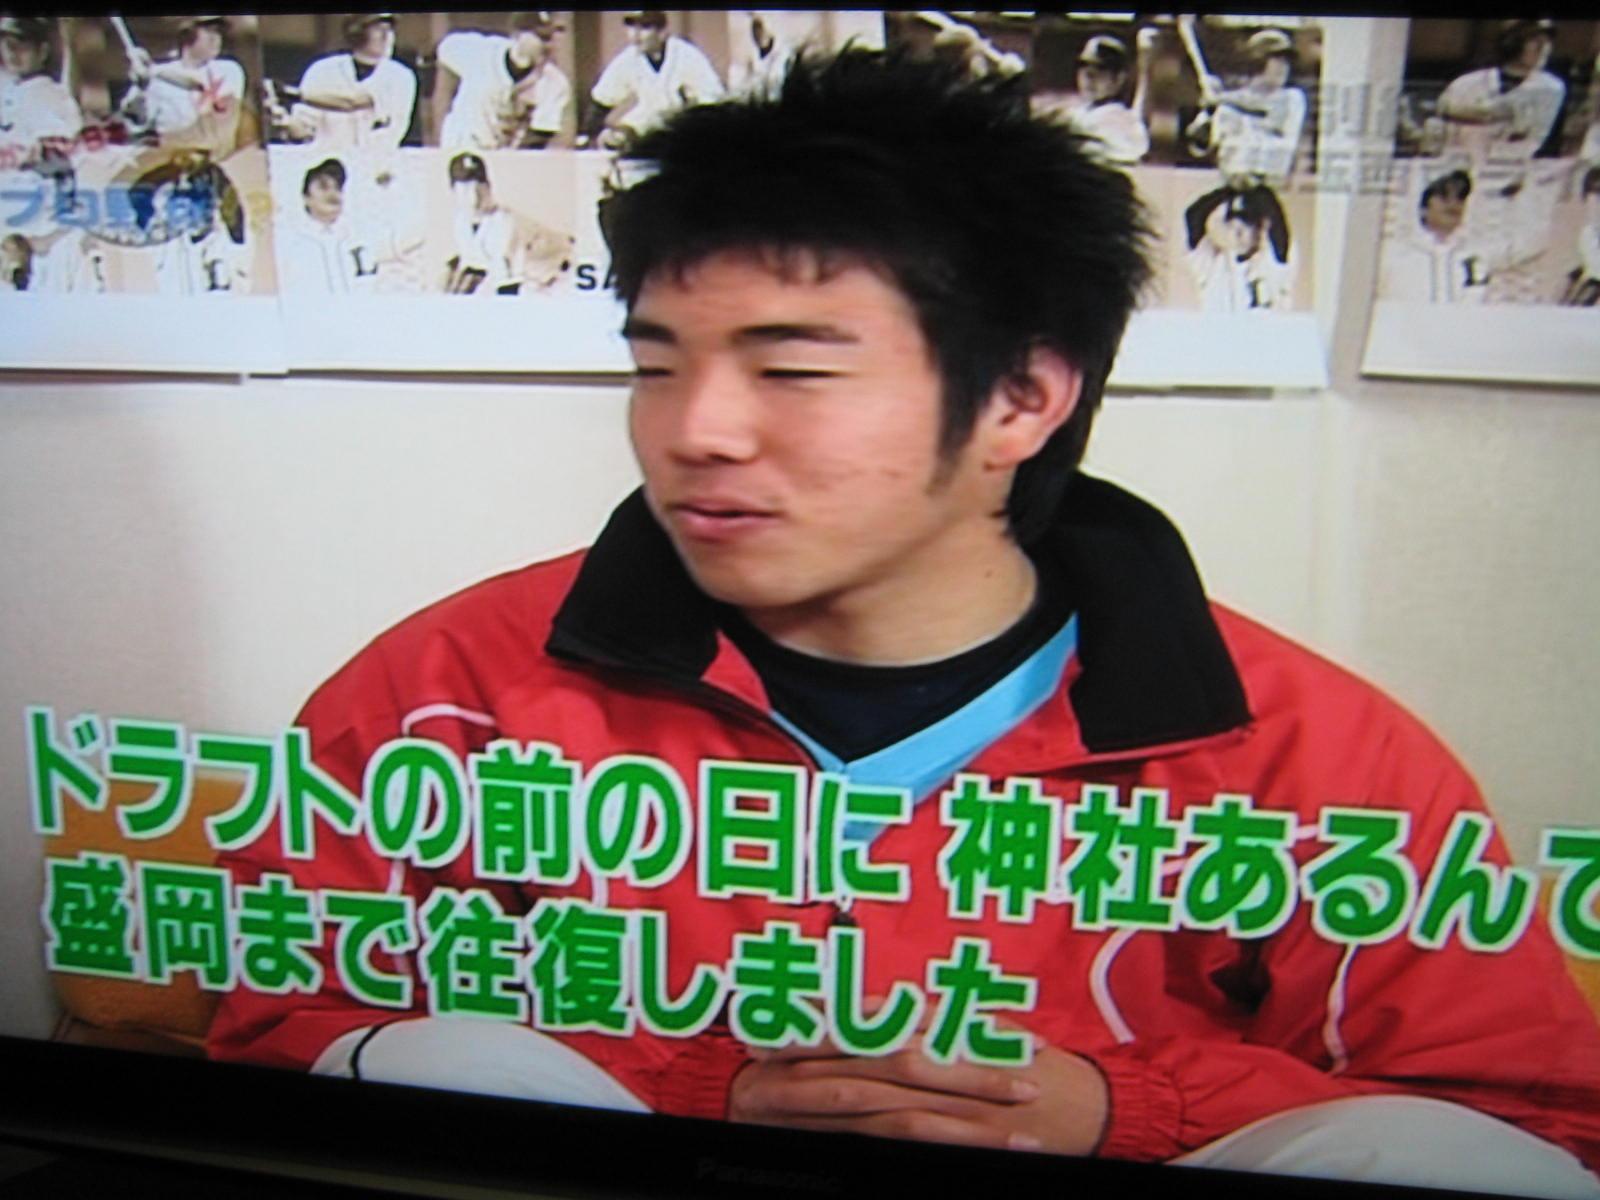 金村義明さん&大塚光二さんが いすみマリーンズ アネックス : 菊池雄星 Videos 大塚光二